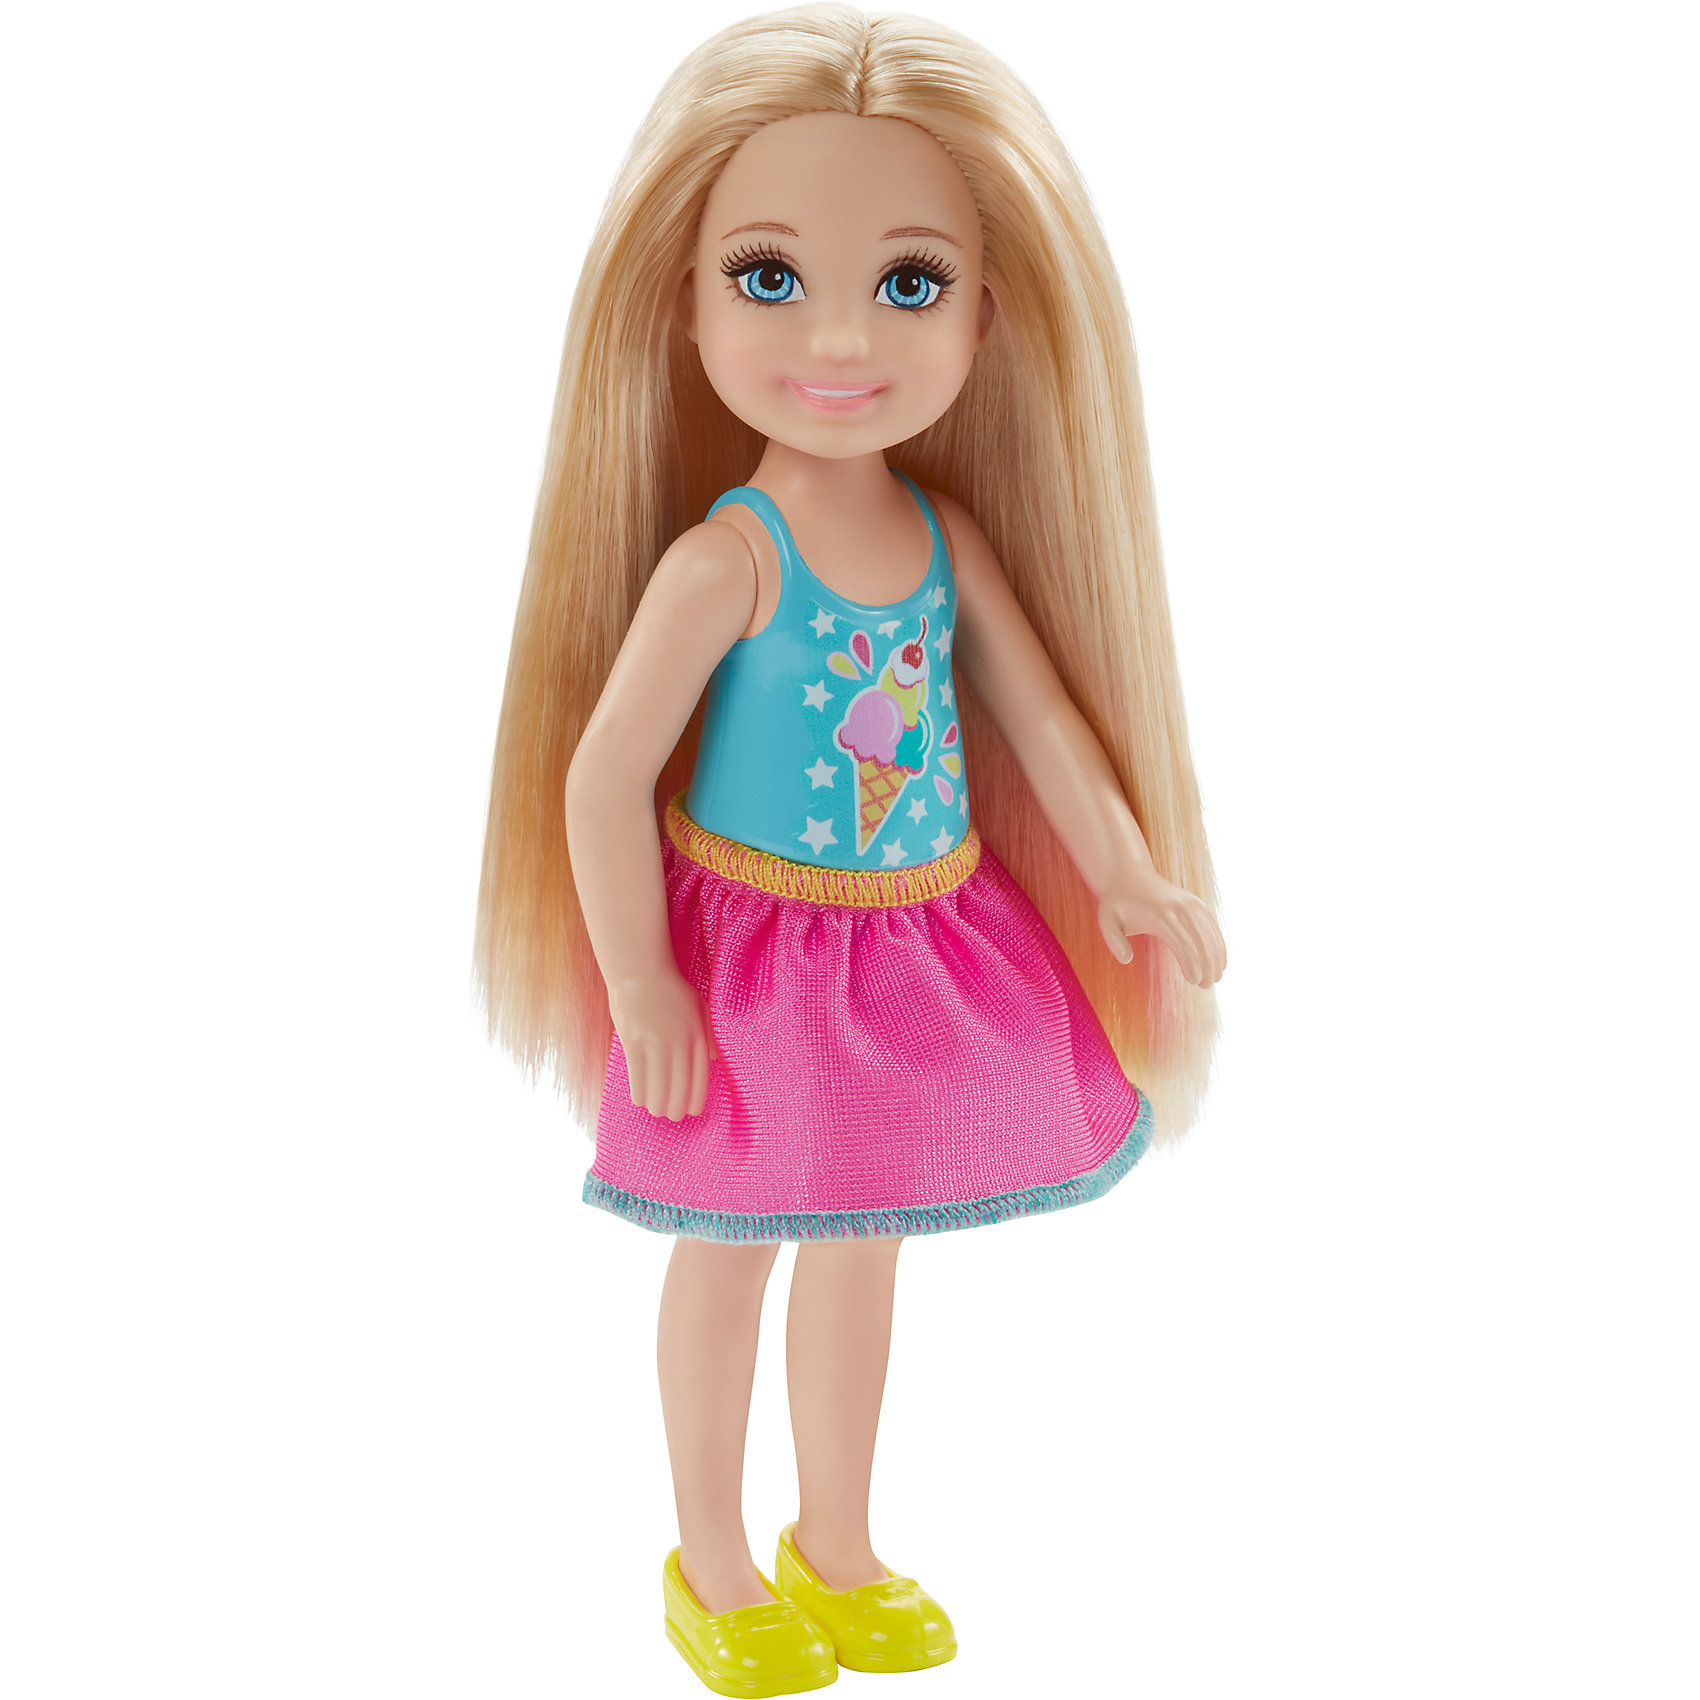 Кукла-Челси, BarbieХарактеристики товара:<br><br>• комплектация: 1 кукла, одежда, аксессуар<br>• материал: пластик, полимер, текстиль<br>• подвижные части тела<br>• высота куклы: 13,5 см<br>• длинные волосы<br>• возраст: от трех лет<br>• размер упаковки: 16х9х4 см<br>• вес: 0,3 кг<br>• страна бренда: США<br><br>Маленьких любительниц куклы Barbie наверняка порадует малышка Челси в новом образе. Она выглядит очаровательно в ярком наряде. Длинные волосы позволяют делать разнообразные прически! Кукла дополнена аксессуаром, чтобы игры с ней стали разнообразнее. Эта Челси станет великолепным подарком для девочек!<br><br>Игры с куклами помогают развить у девочек вкус и чувство стиля, отработать сценарии поведения в обществе, развить воображение и мелкую моторику. Такую куклу удобно брать с собой в поездки и на прогулки. Маленькая Челси от бренда Mattel не перестает быть популярной! <br><br>Куклу Челси, Barbie, от компании Mattel можно купить в нашем интернет-магазине.<br><br>Ширина мм: 90<br>Глубина мм: 40<br>Высота мм: 160<br>Вес г: 73<br>Возраст от месяцев: 36<br>Возраст до месяцев: 120<br>Пол: Женский<br>Возраст: Детский<br>SKU: 5389669